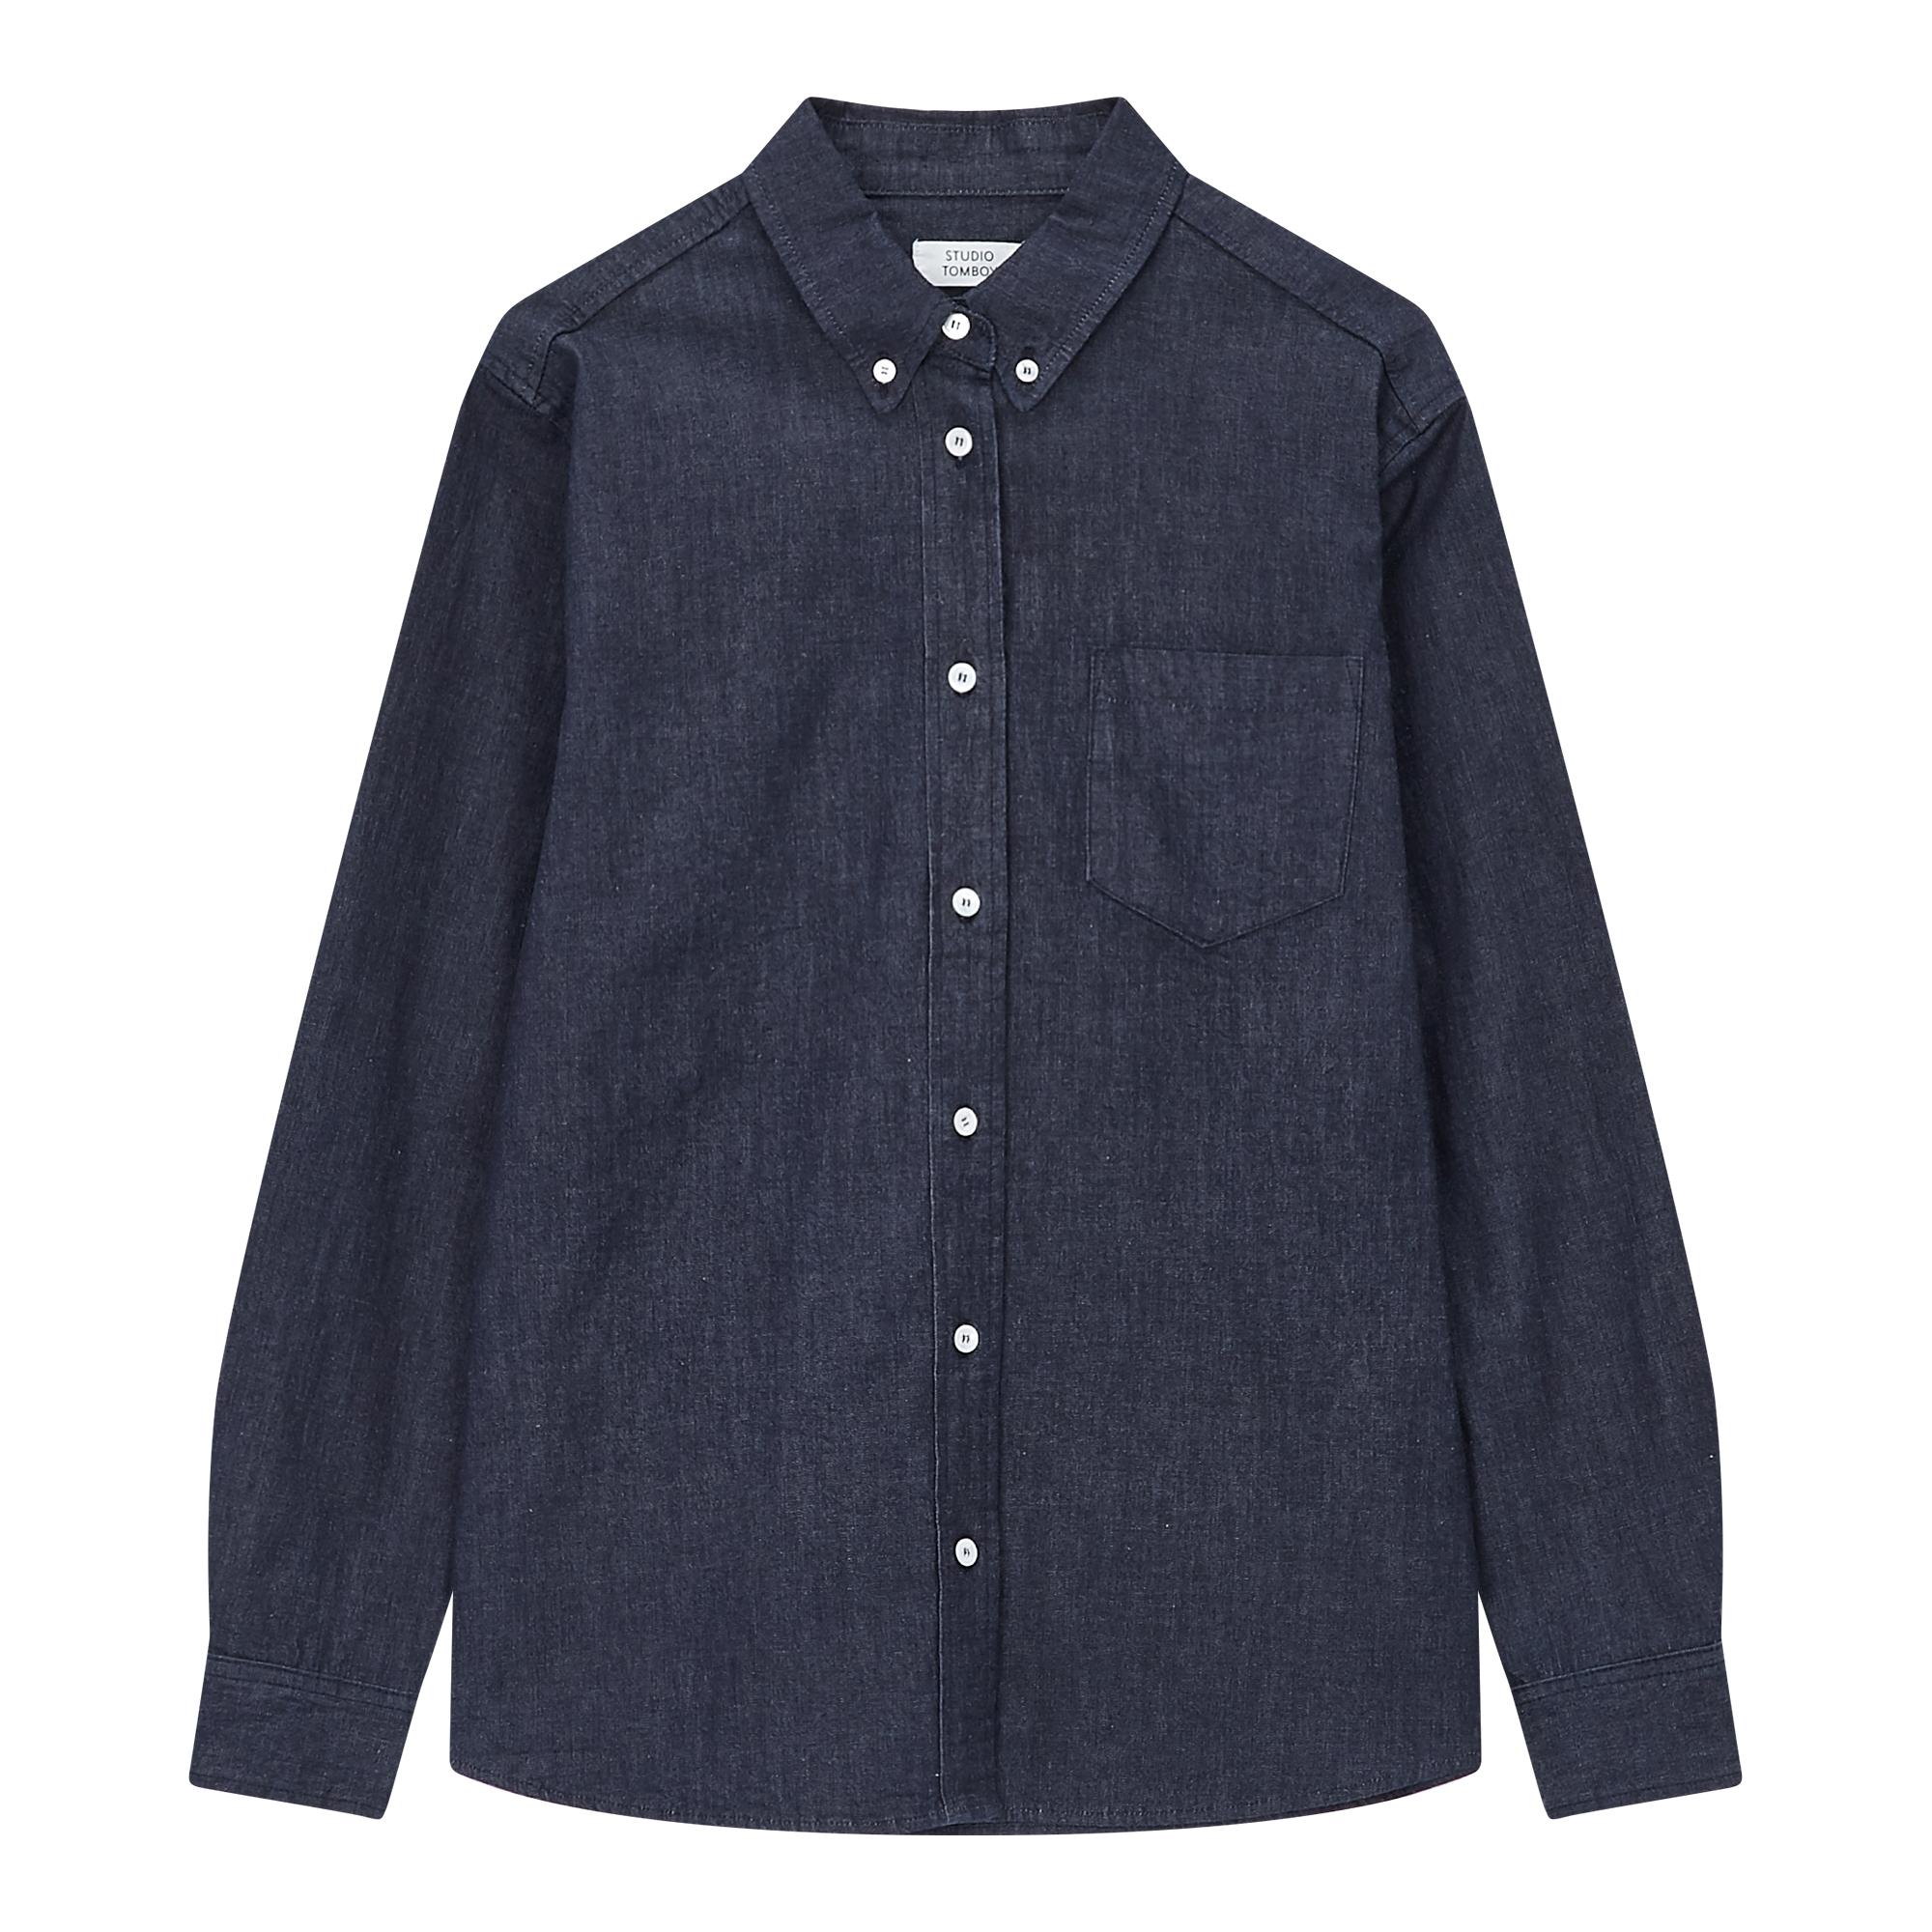 [10MONTHS] 원포켓 데님셔츠